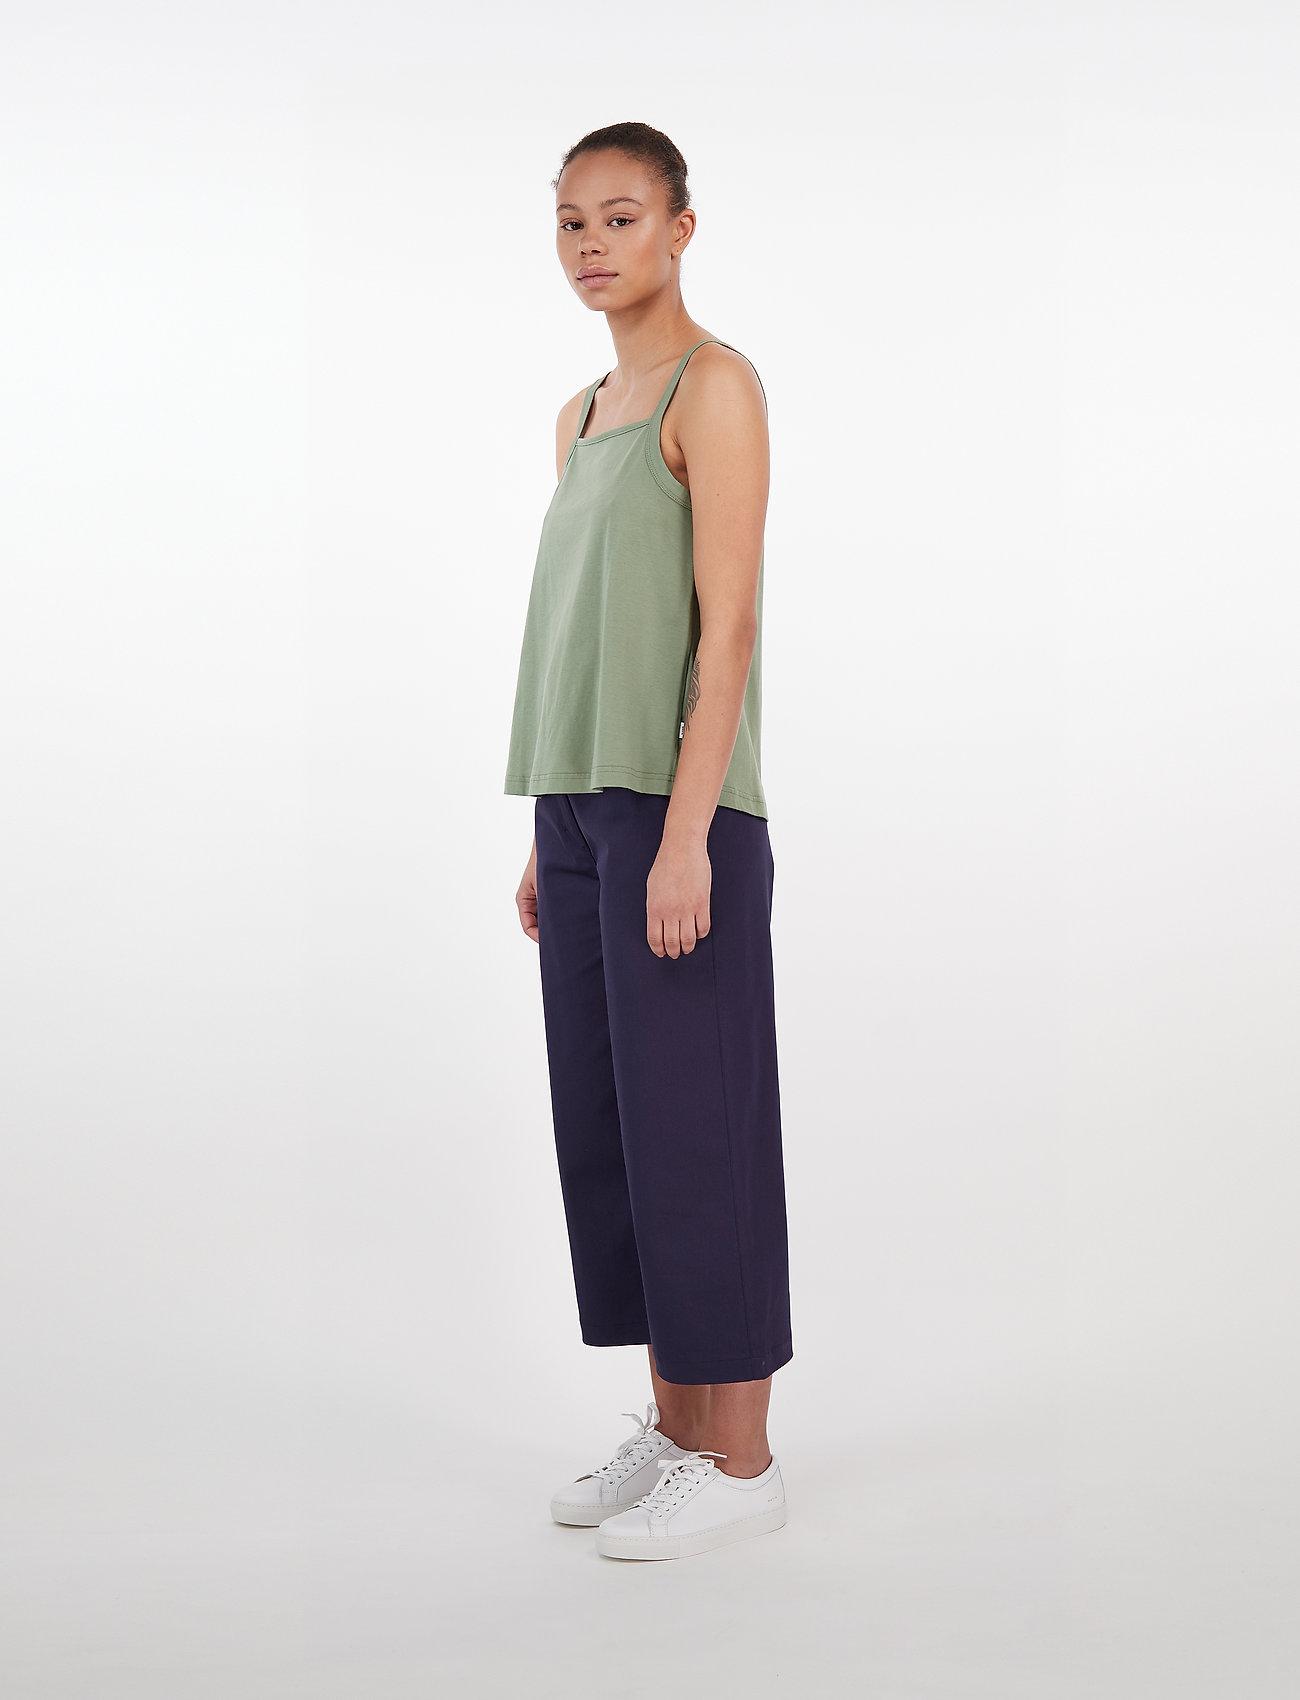 Makia Dune Top - T-shirty i zopy OLIVE - Kobiety Odzież.